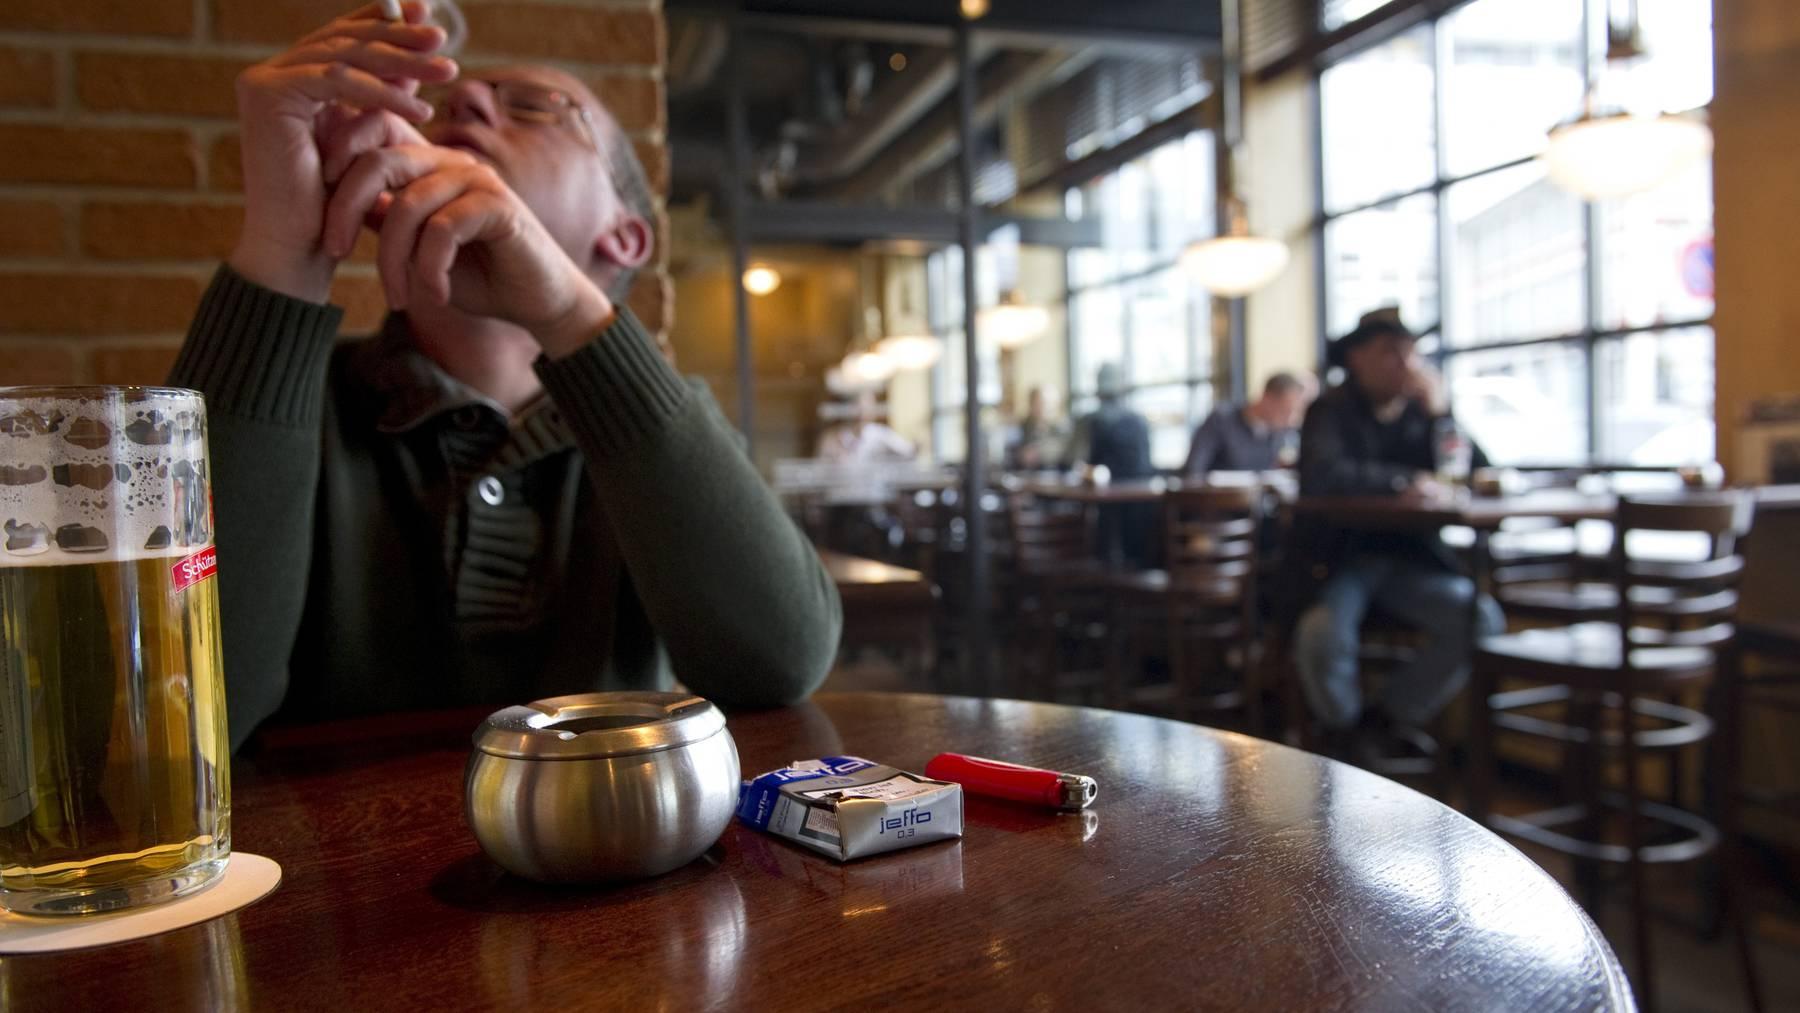 Seit rund zehn Jahren darf in St. Galler Bars und Restaurants nur noch in Fumoirs gequalmt werden.